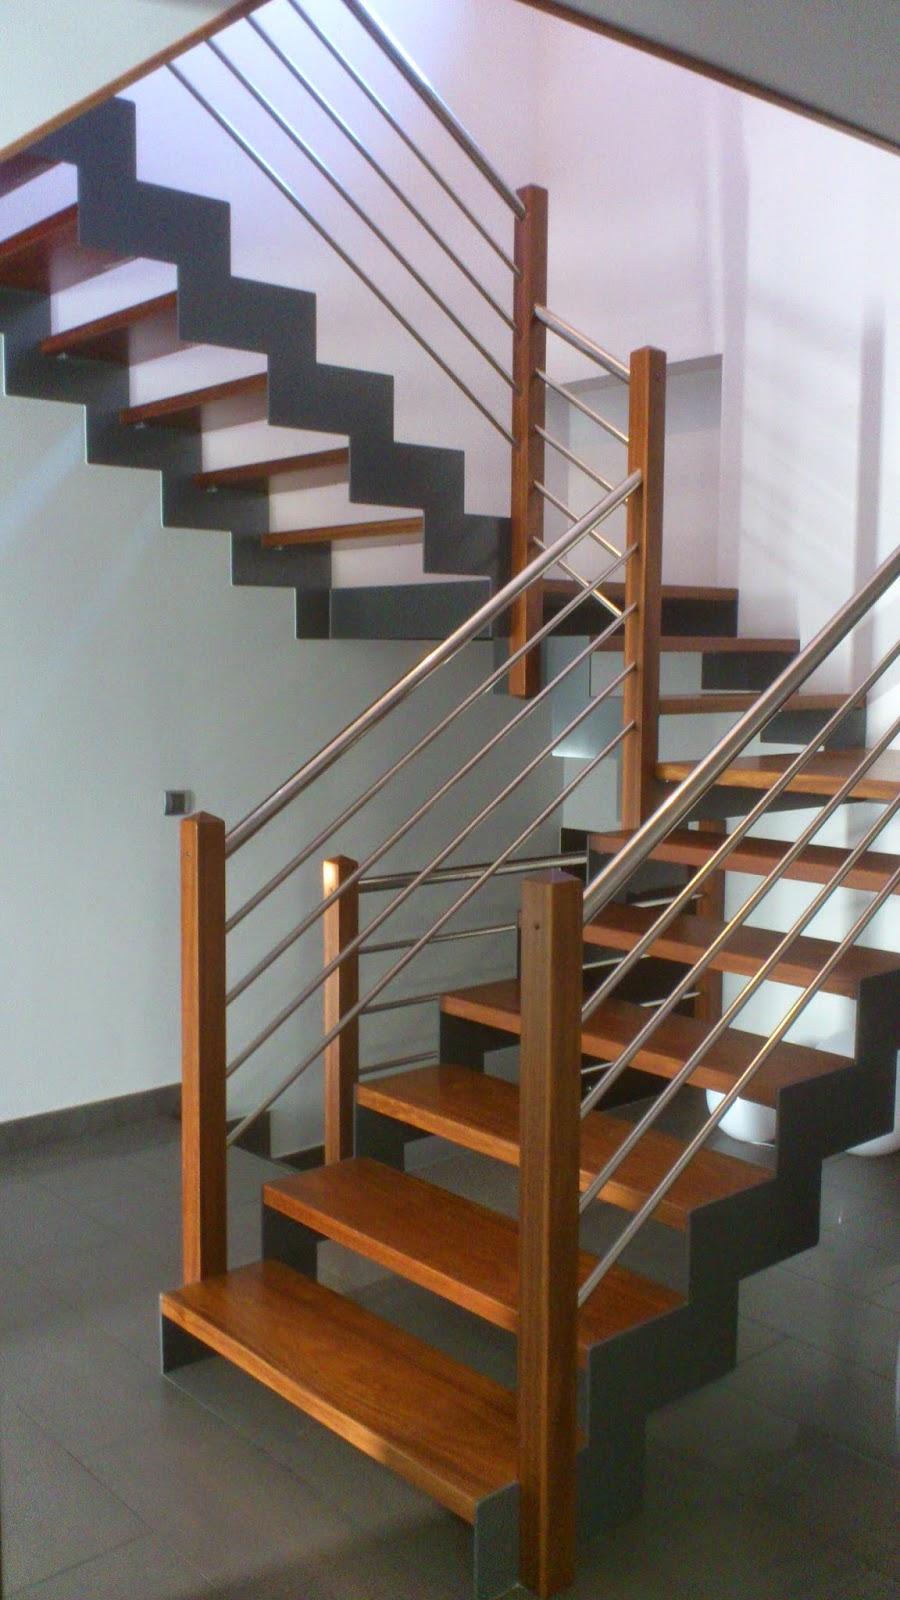 Escaleras y pasamanos escaleras de hierro madera - Escaleras con peldanos de madera ...